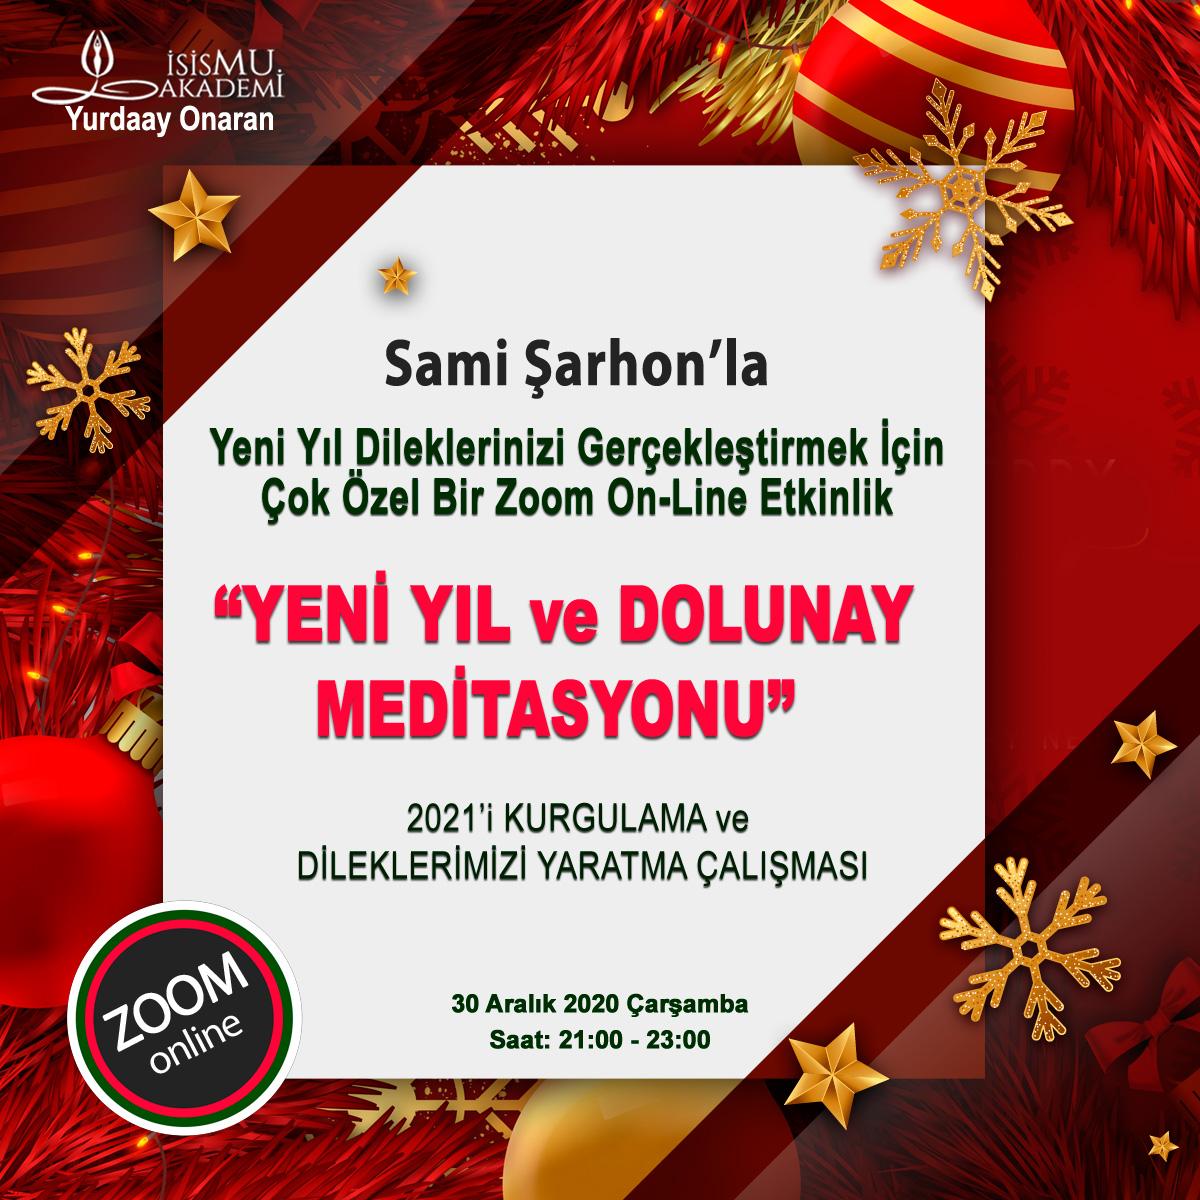 YENİ YIL ve DOLUNAY MEDİTASYONU / 30 Aralık 2020 Çarşamba